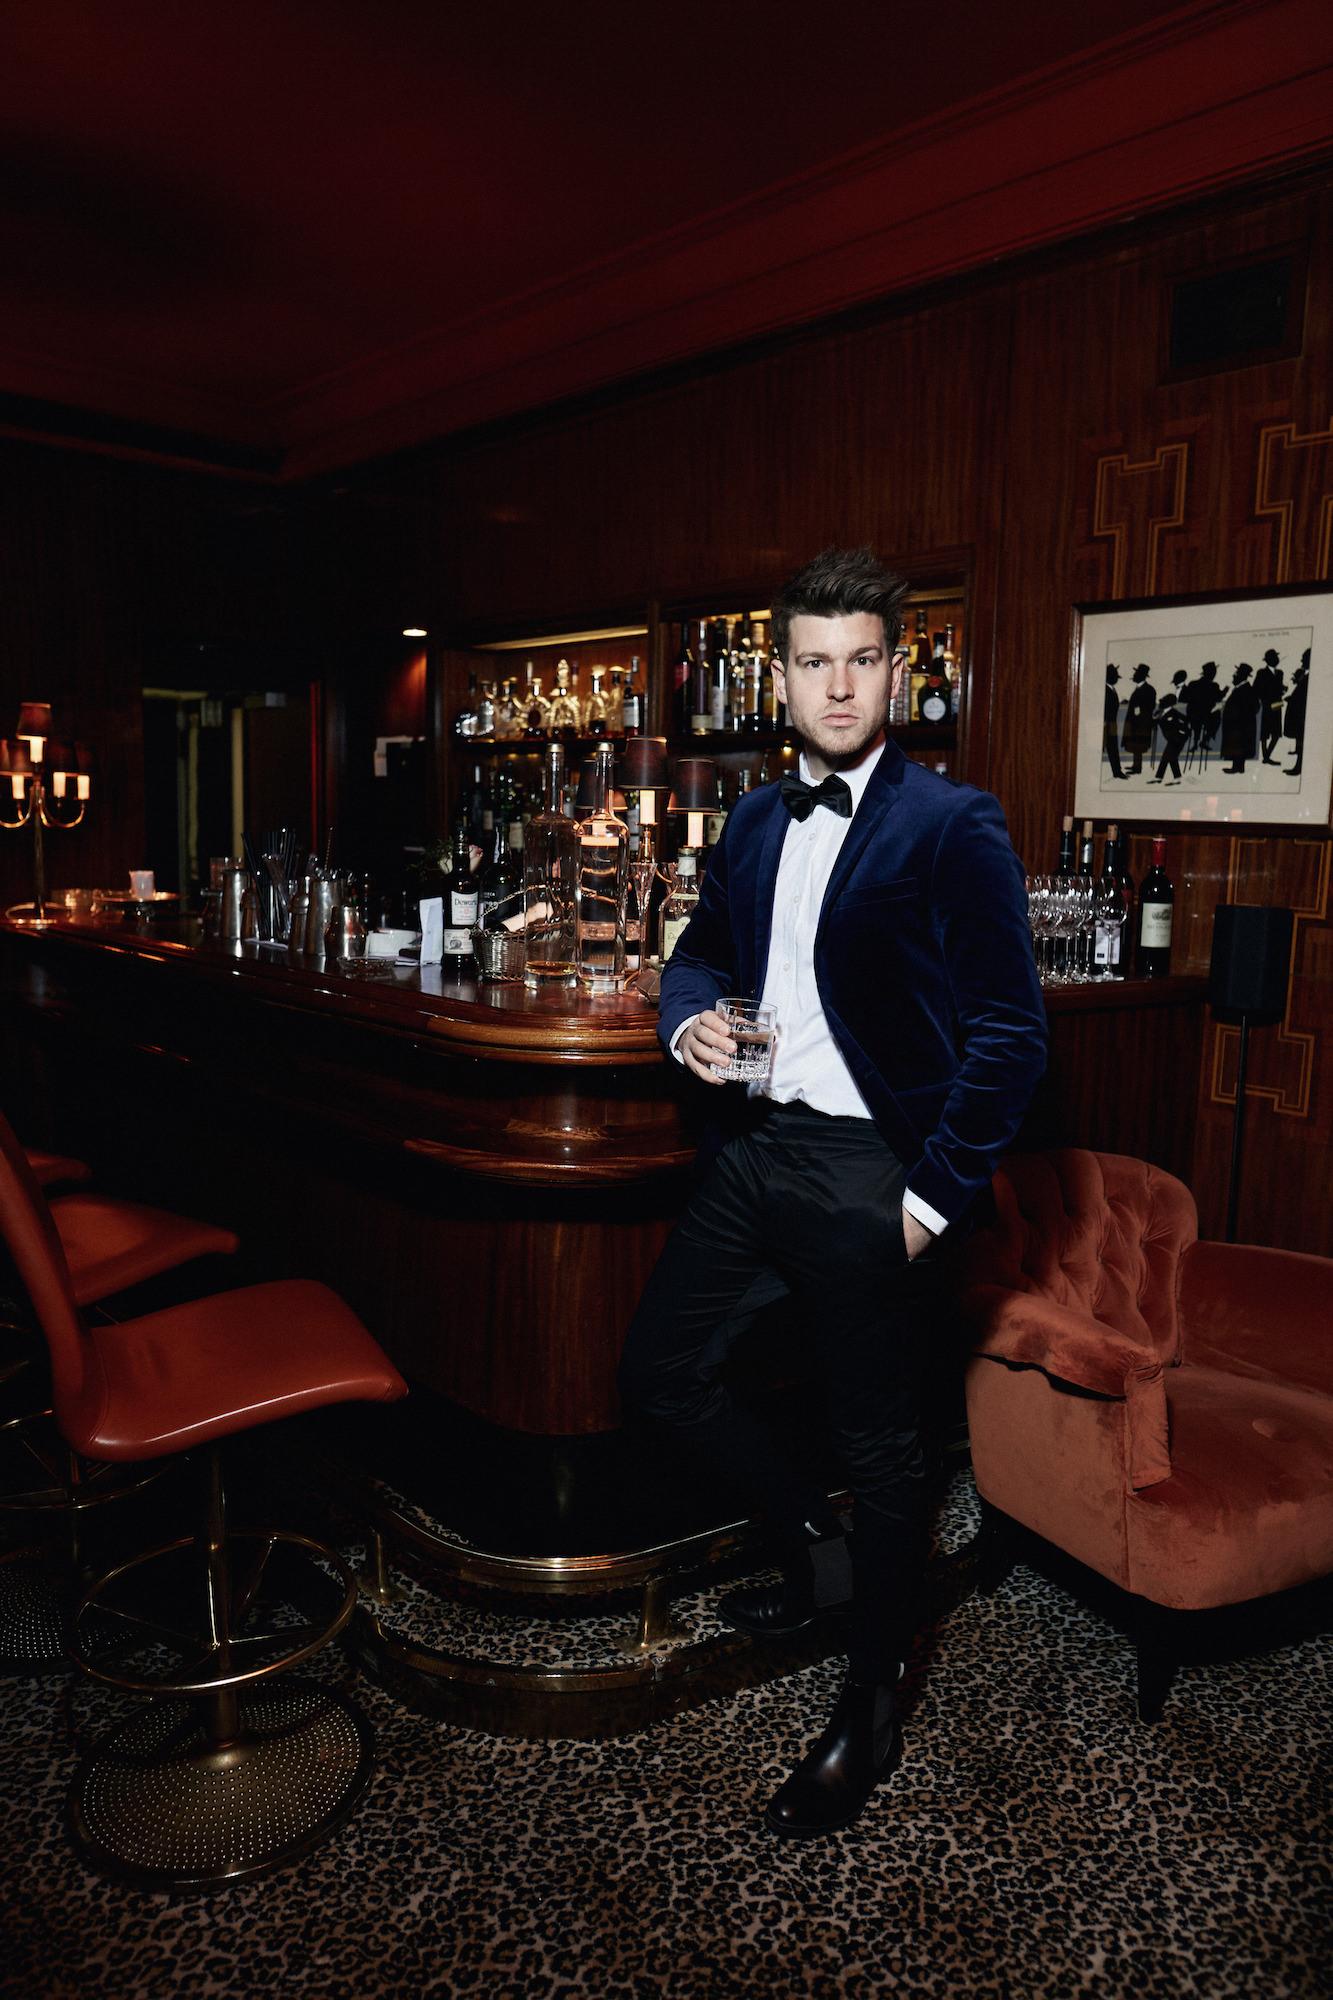 Elegantes Silvesteroutfit für Männer_Tiger of Sweden Samt Blazer_Meanwhile in Awesometown_Modeblogger_Mens Fashion und Lifestyleblogger_Wiener Blogger_Maleblogger5